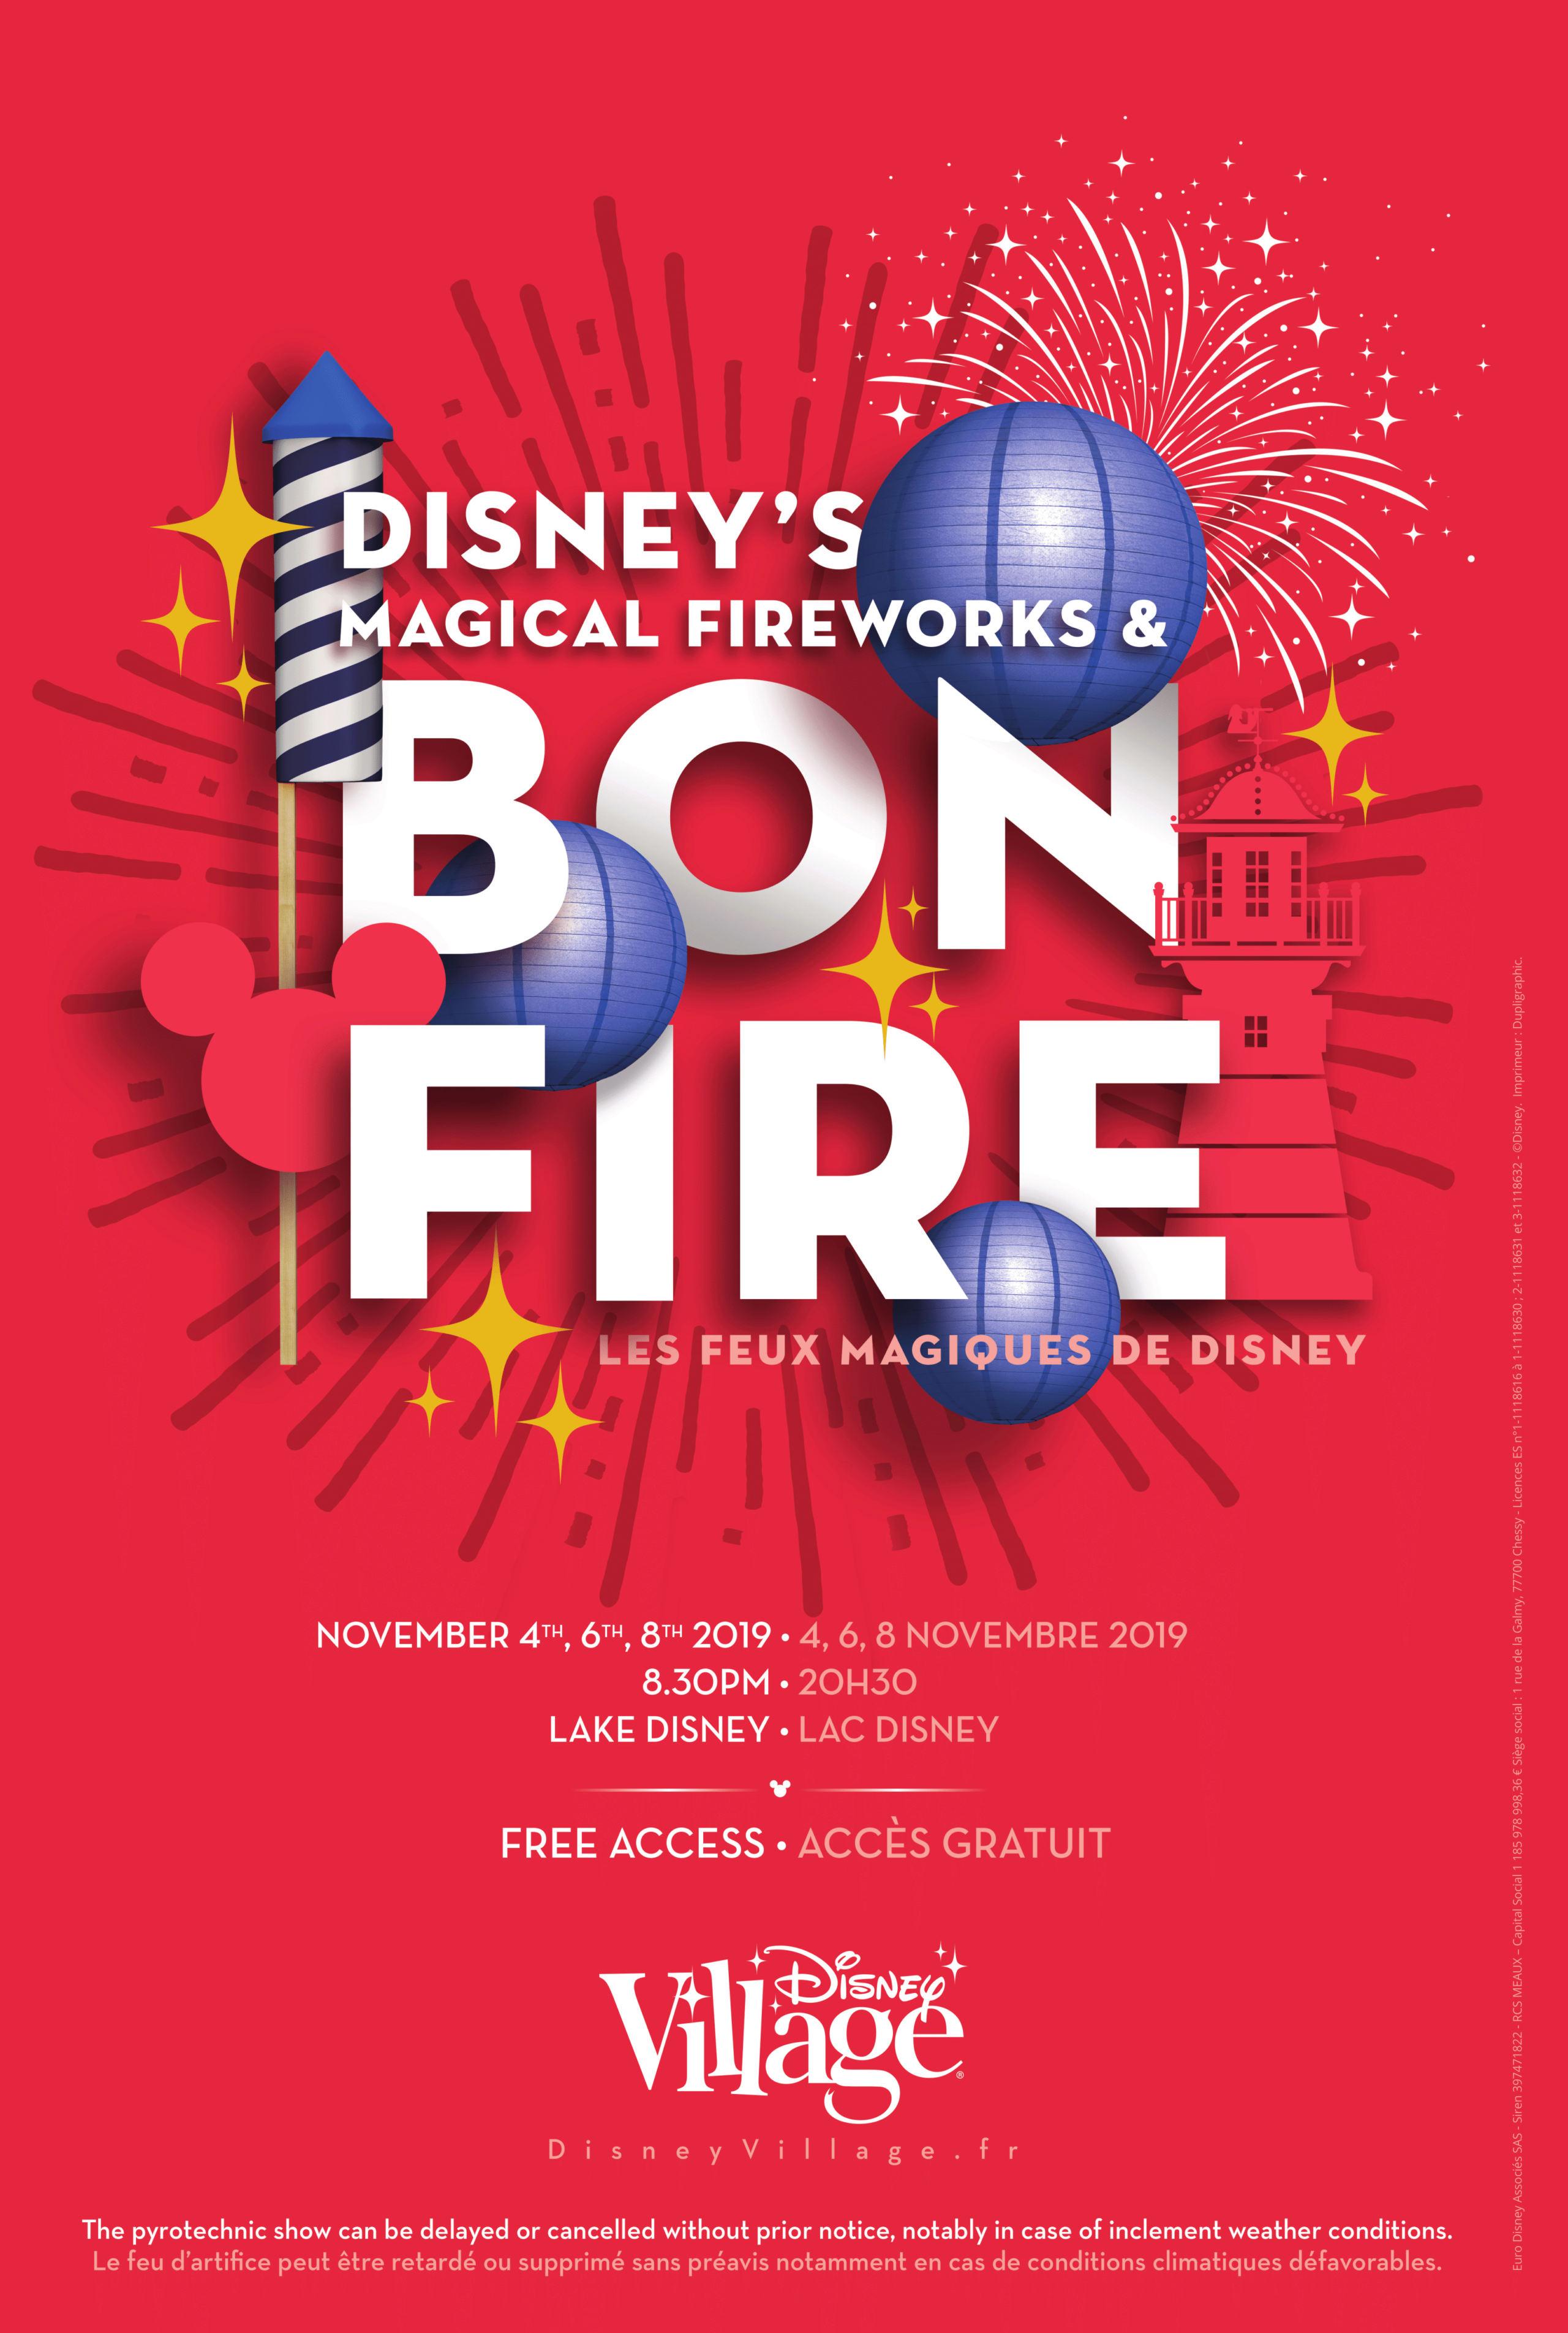 Les Feux Magiques de Disney - Mickey's Magical Fireworks Dv-bon10